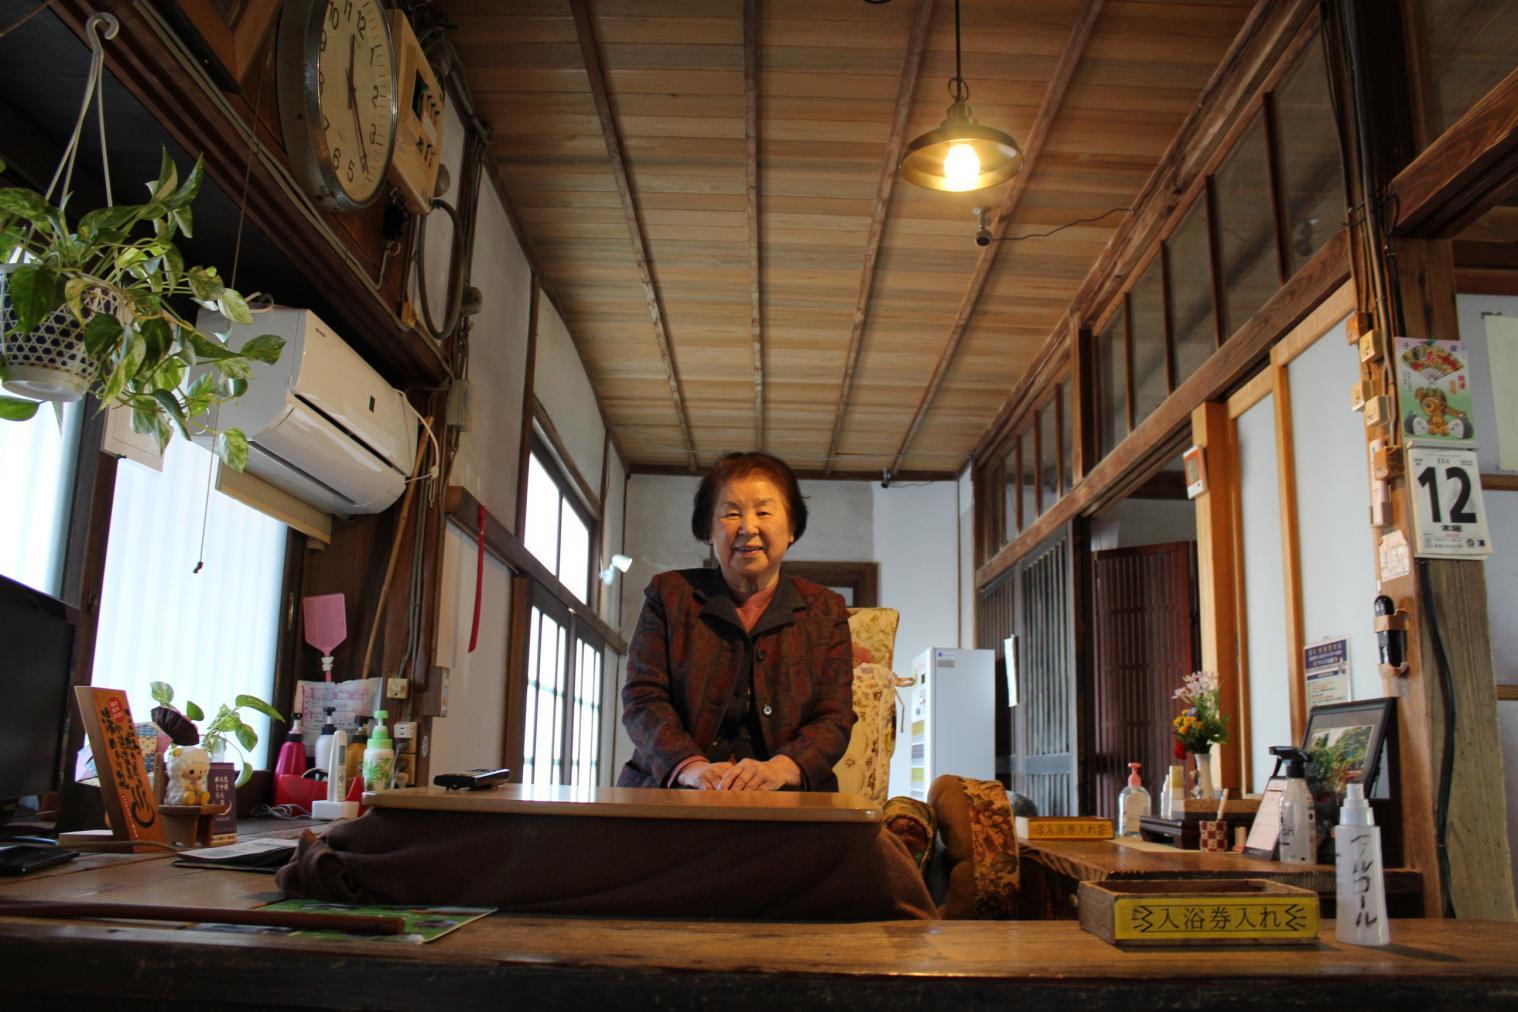 番台で200円を払って中に入ると、そこはまるで「昭和の暮らし博物館」-0